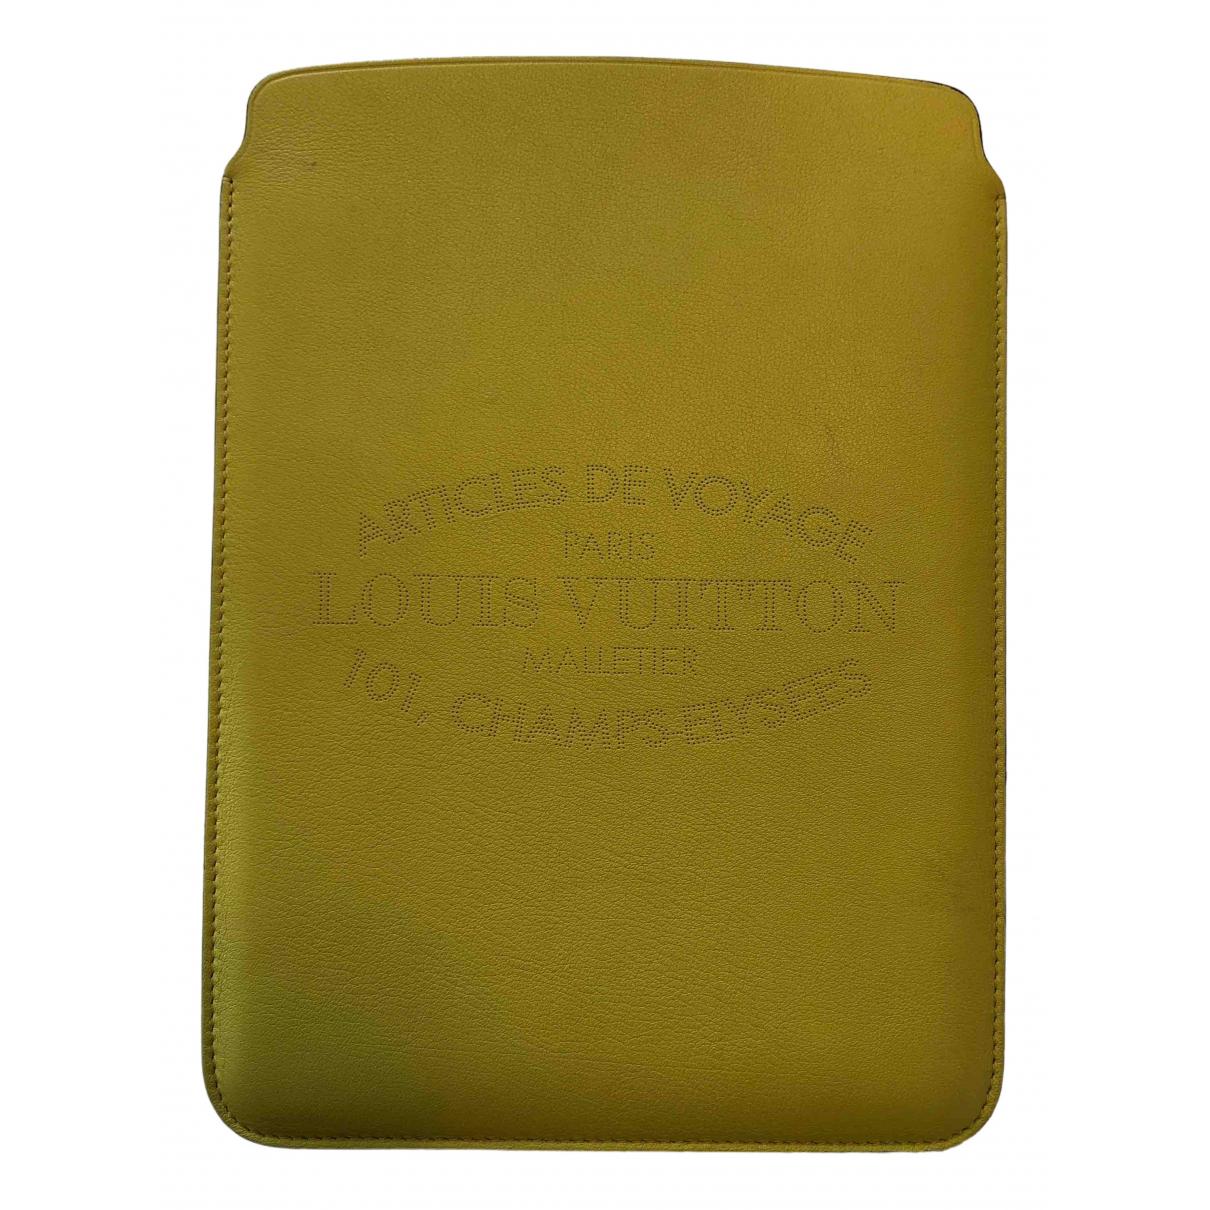 Louis Vuitton - Accessoires   pour lifestyle en cuir - jaune